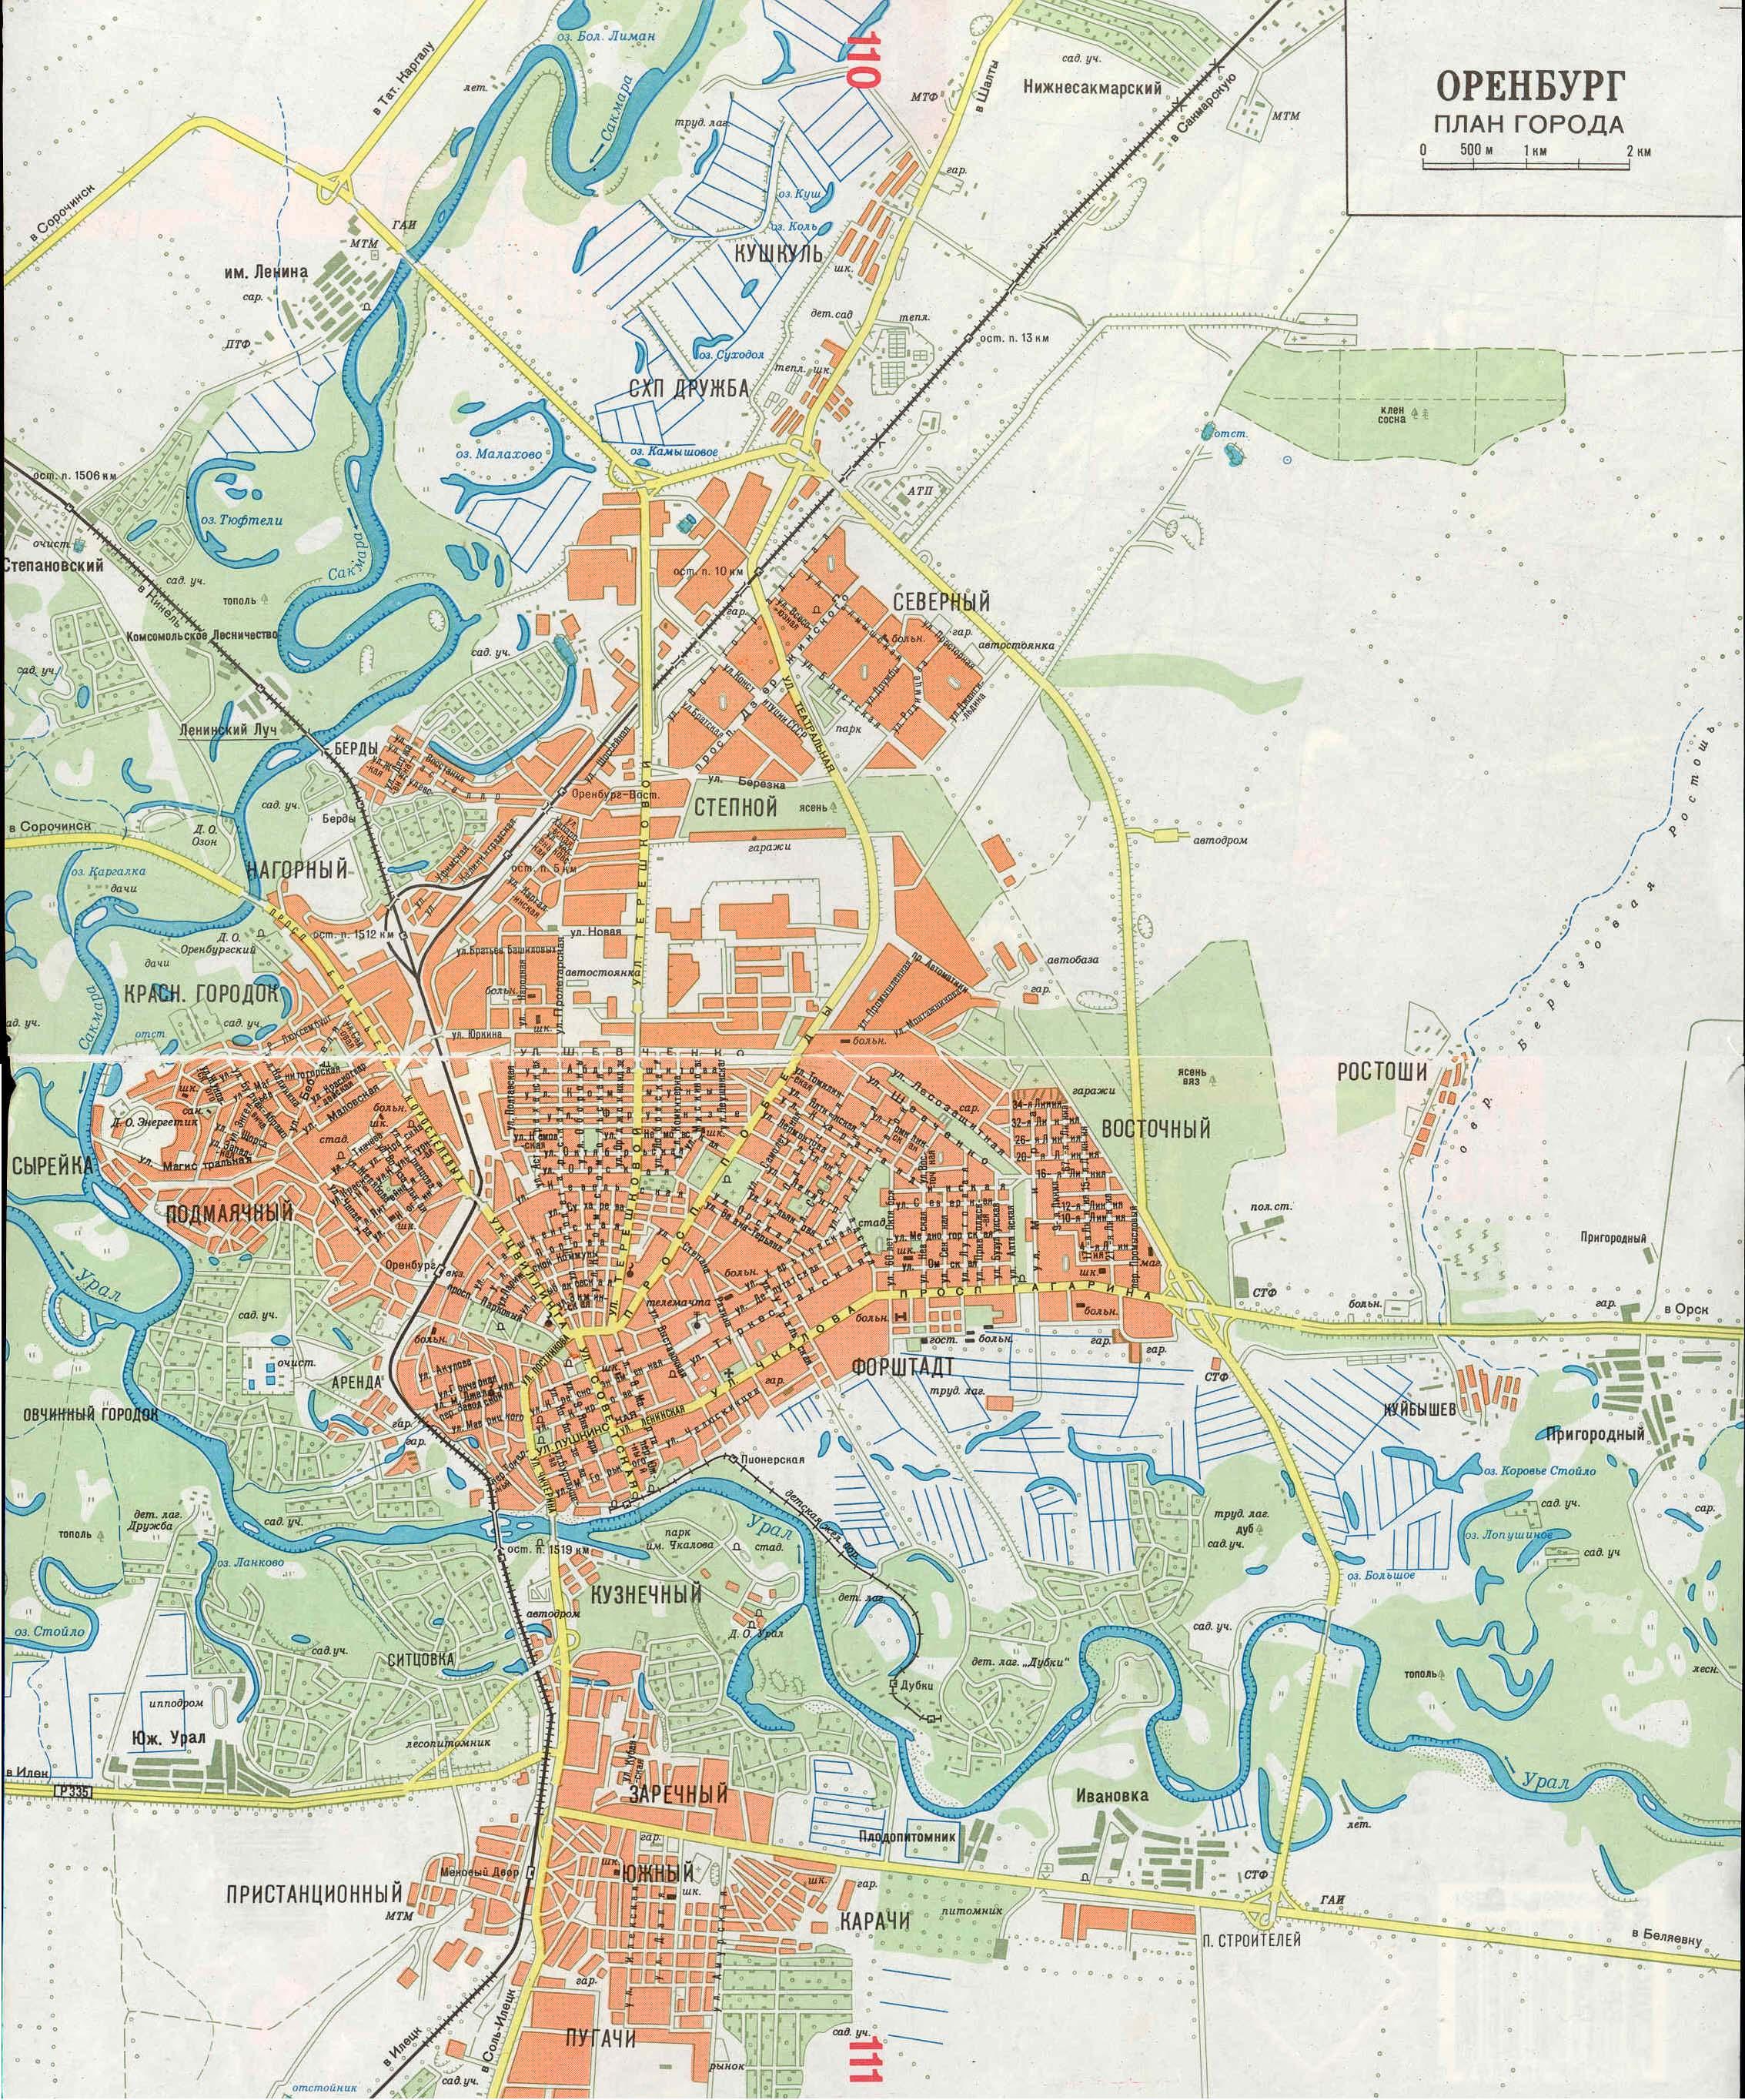 Топографическая карта оренбурга